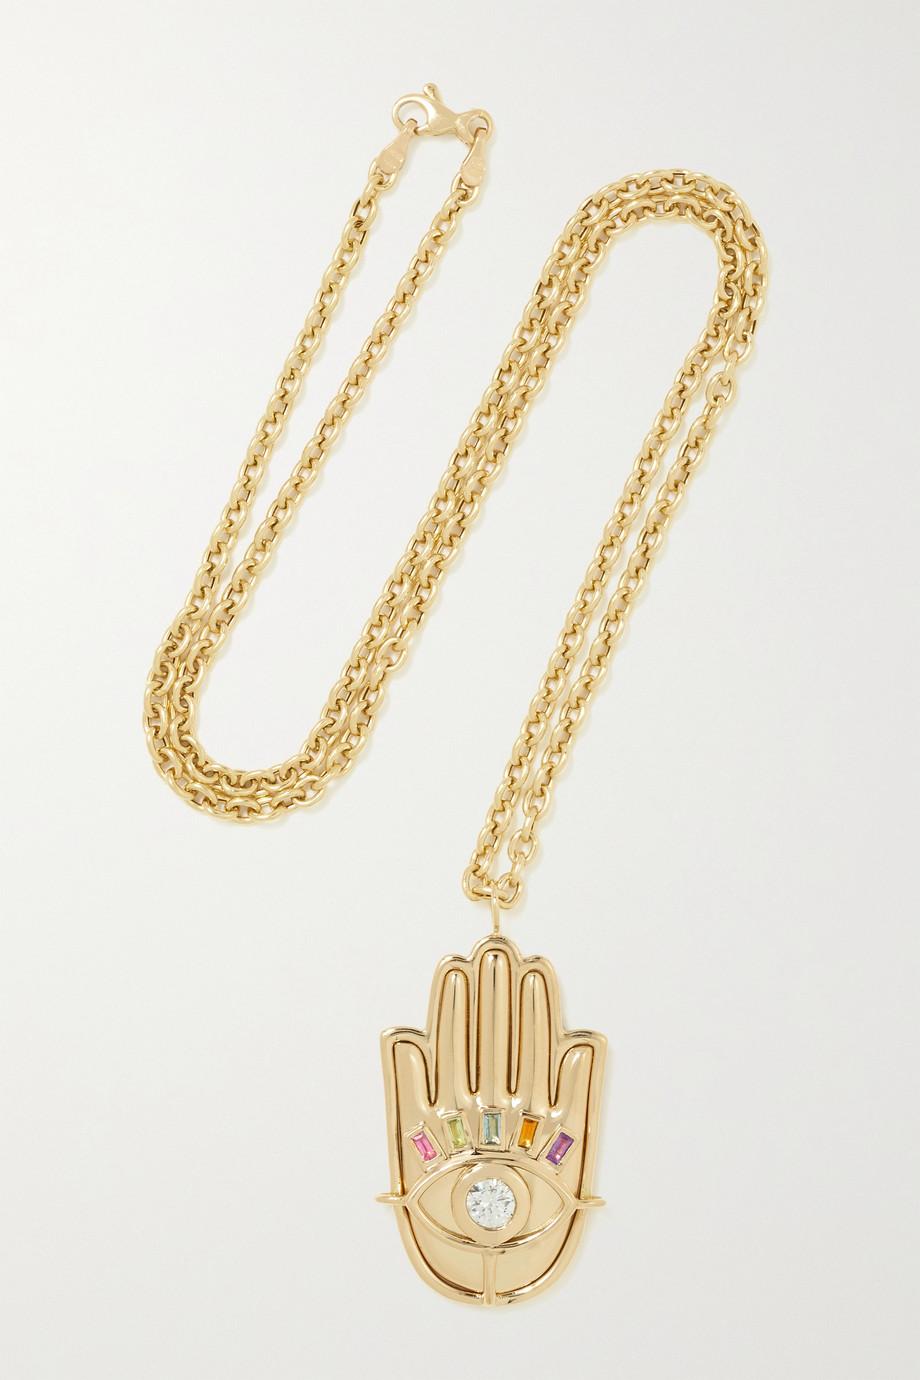 Brent Neale Collier en or 18 carats, diamant et saphirs Hamsa